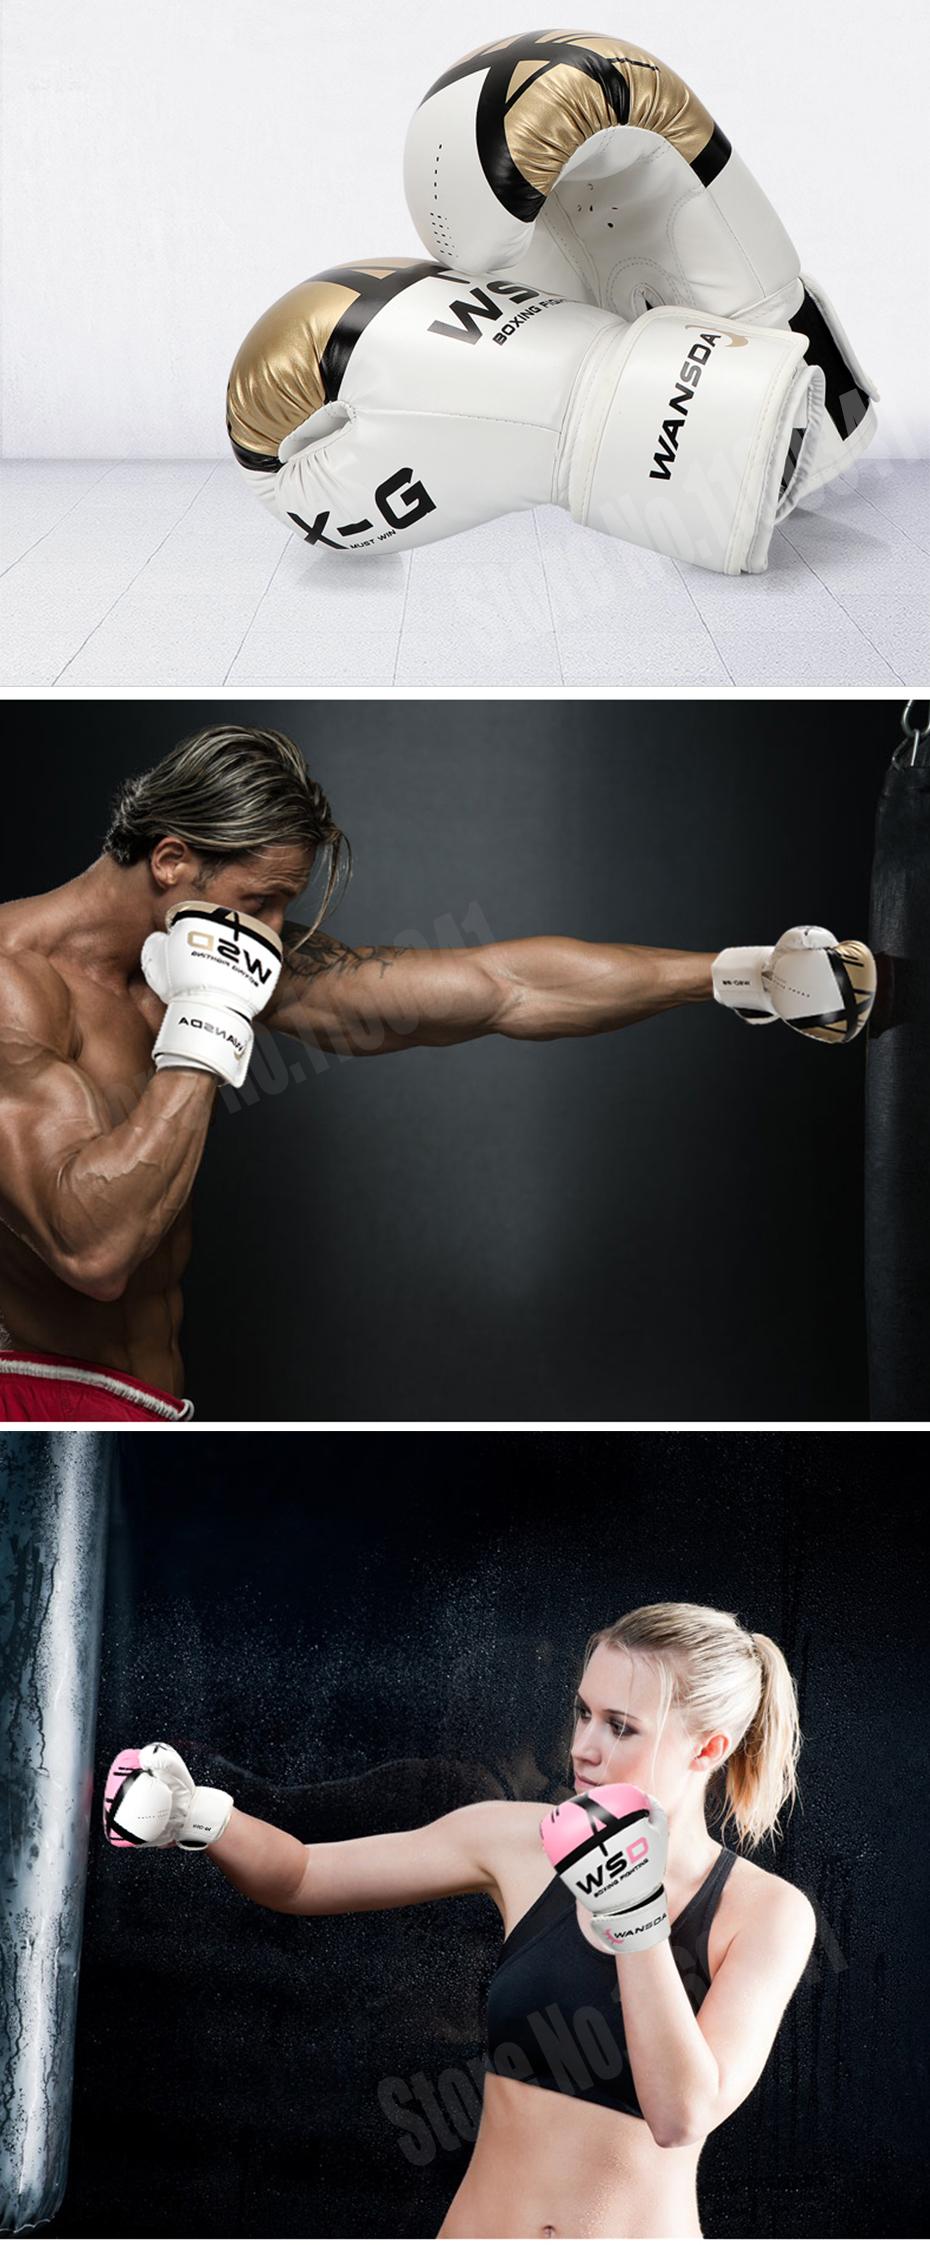 18 New Pink/Gold Men/Women Boxing Fitness Gloves for Sandbag Punch Training MMA Muay Thai Sanda Karate Mitt Equipment 3